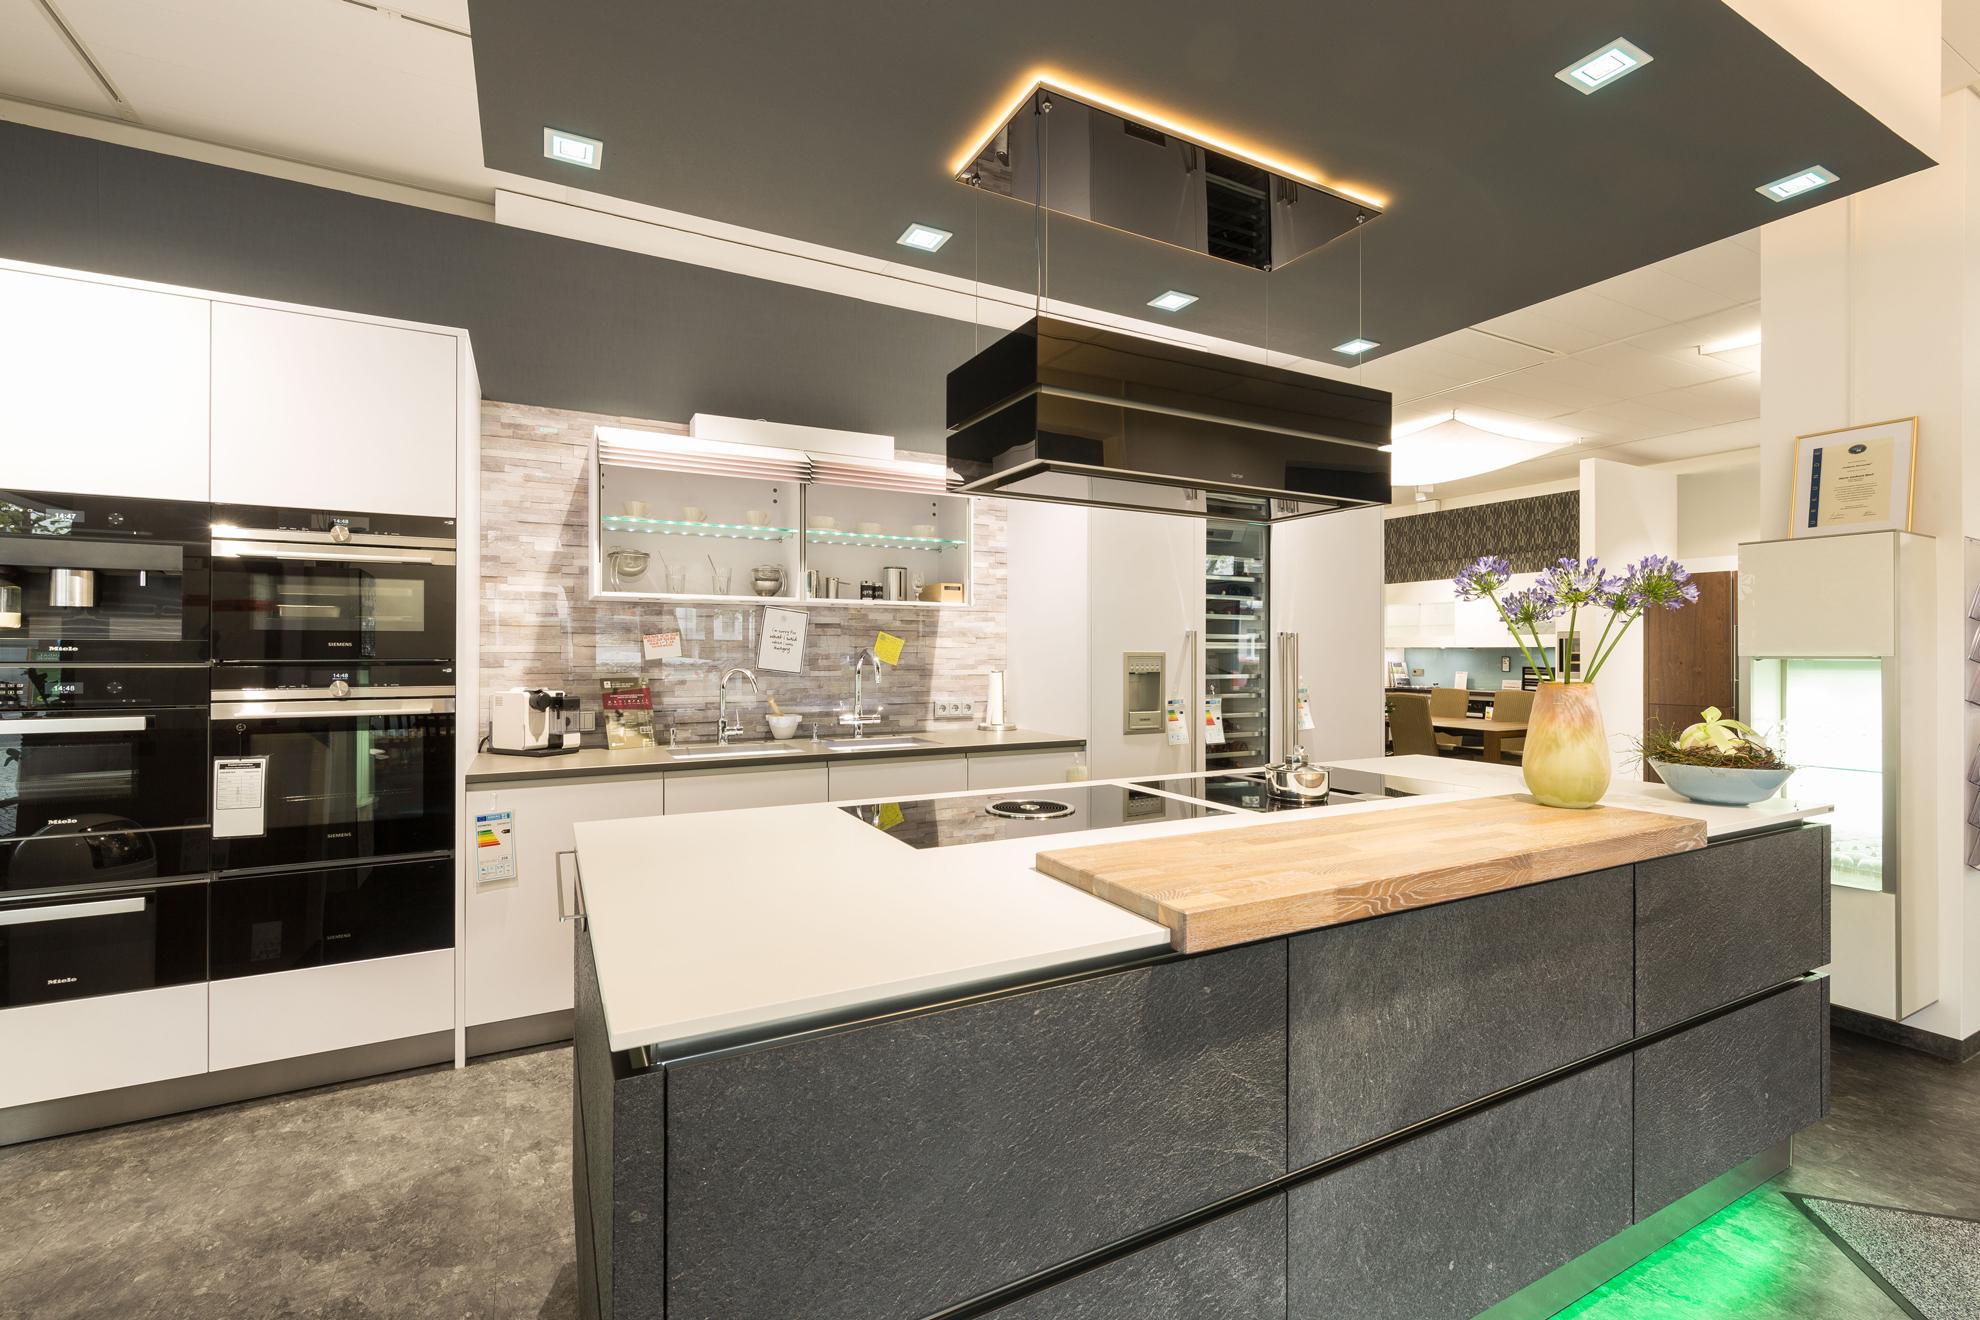 Küchenausstellung von Süß & Bierl Küchen und Ambiente